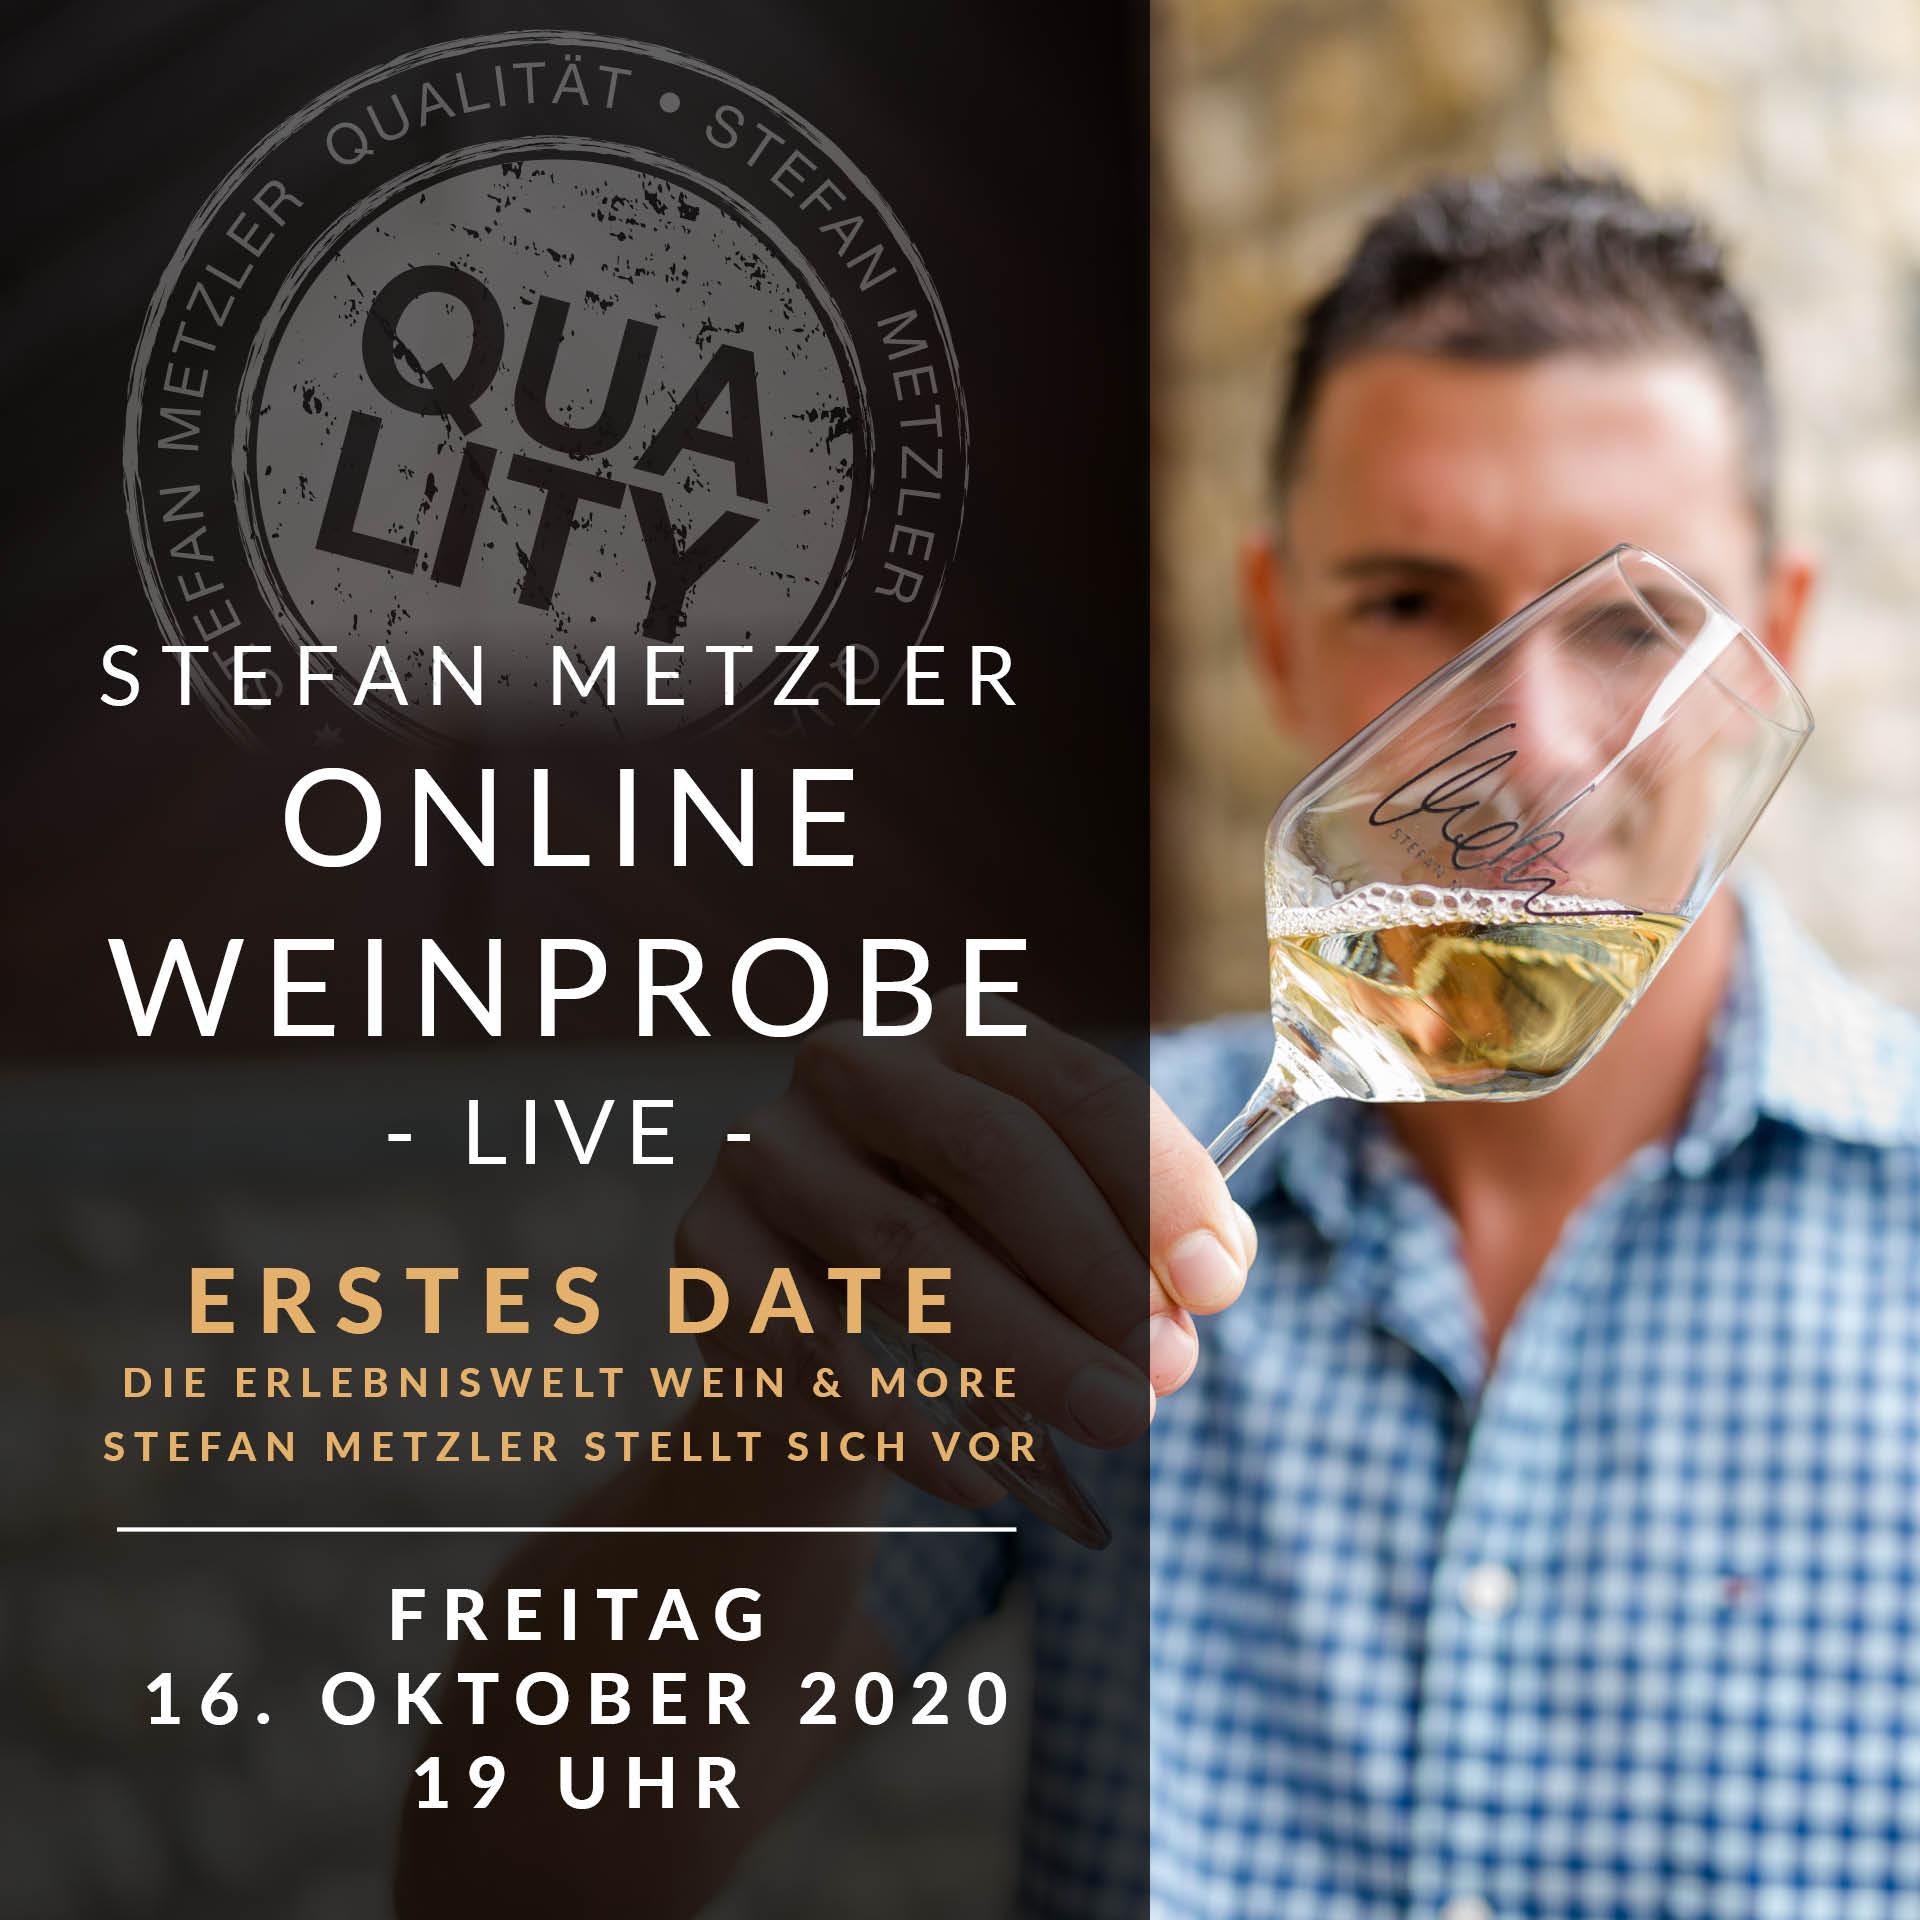 Onlineprobe 16.10.2020: Erstes Date - Stefan Metzler stellt sich vor!